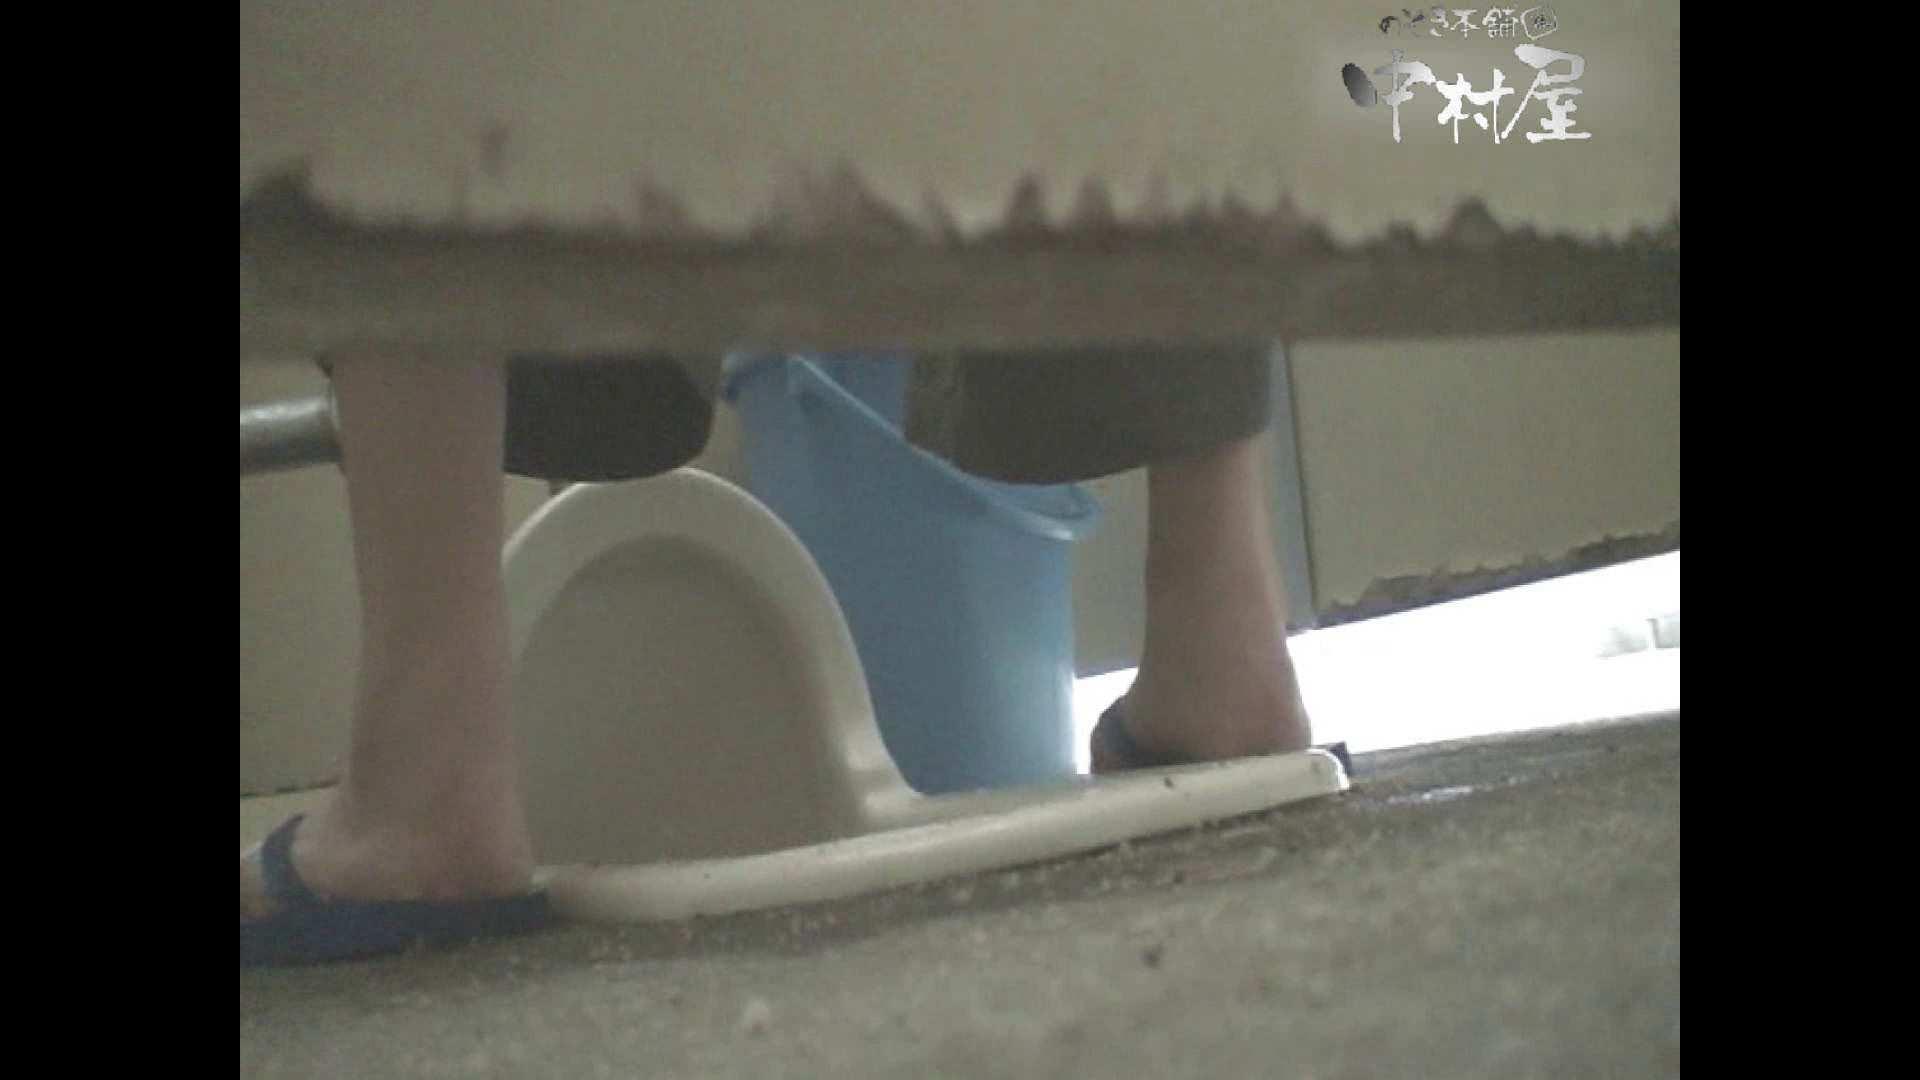 岩手県在住盗撮師盗撮記録vol.15 ハプニング映像 オマンコ無修正動画無料 111PIX 94